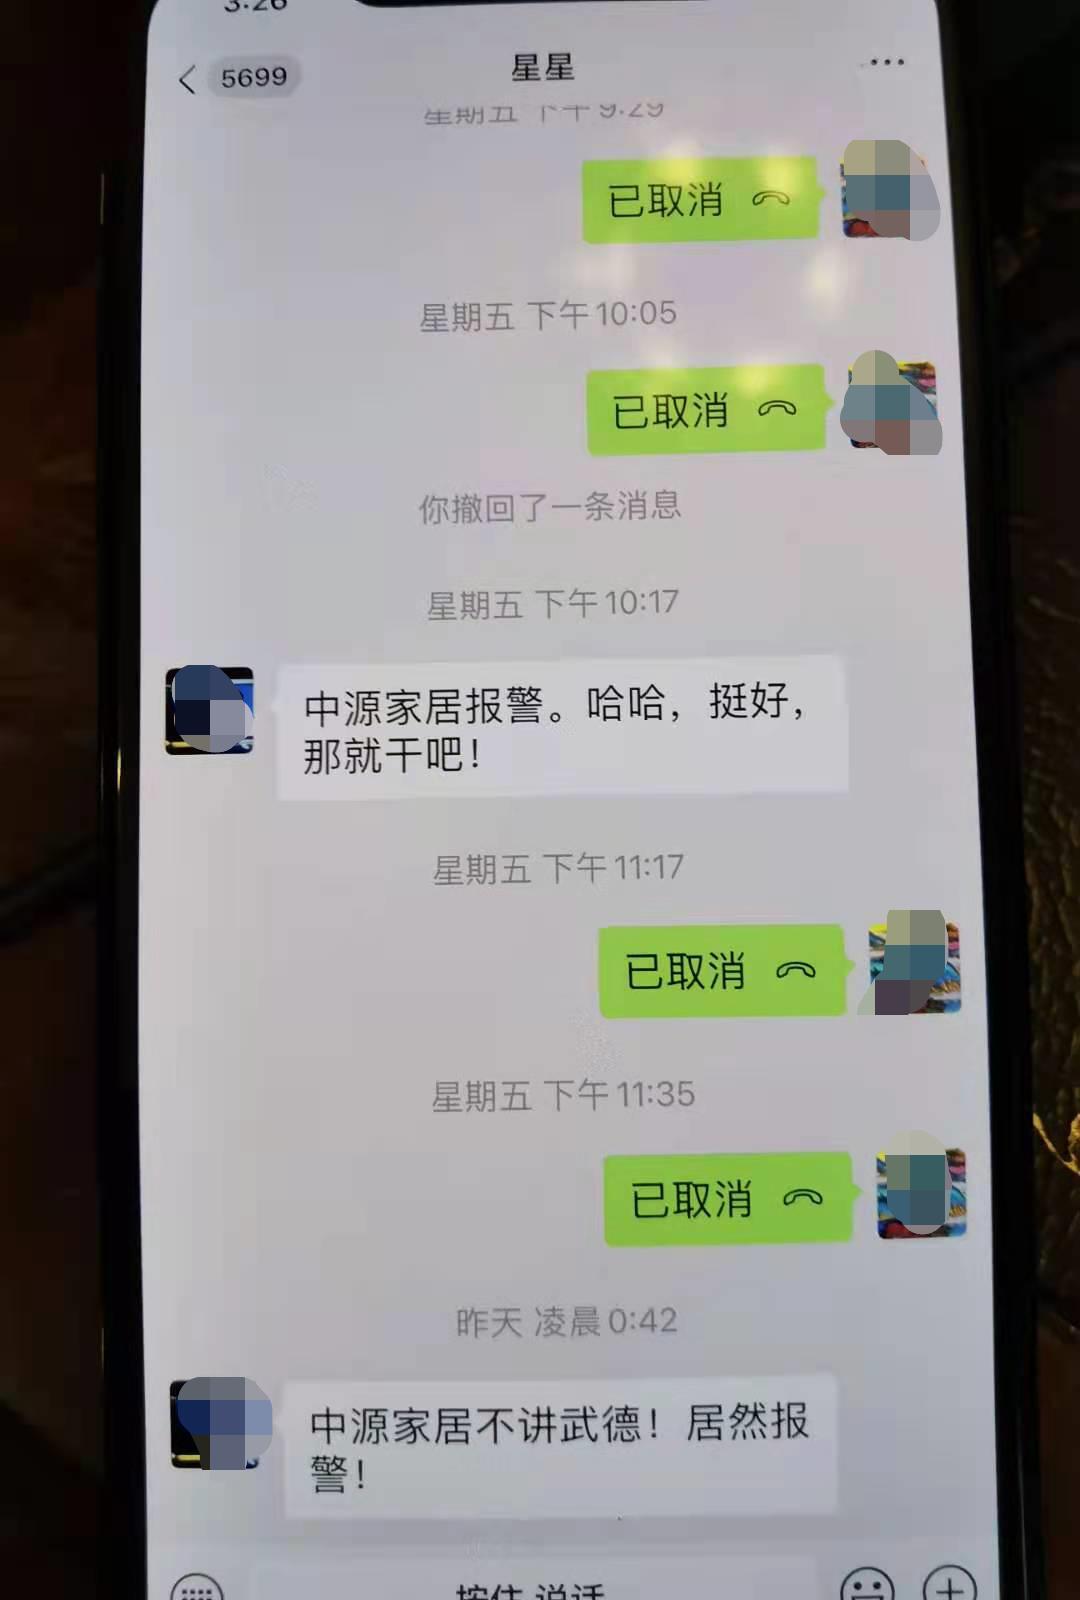 陈先生提供的微信截图